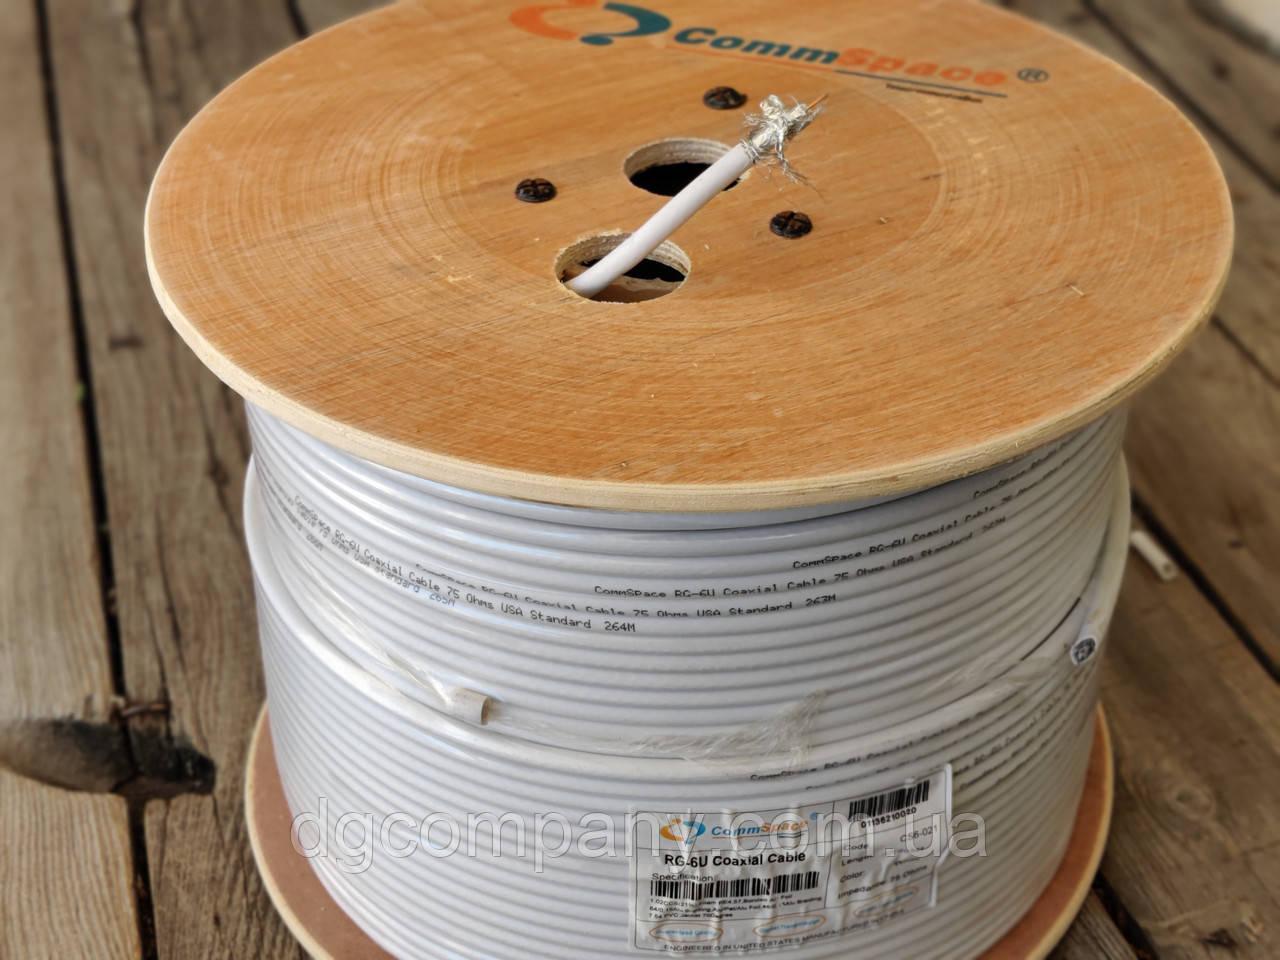 Телевизионный кабель Comspace F660BV Super( 2 фольги,2 экрана), 305м